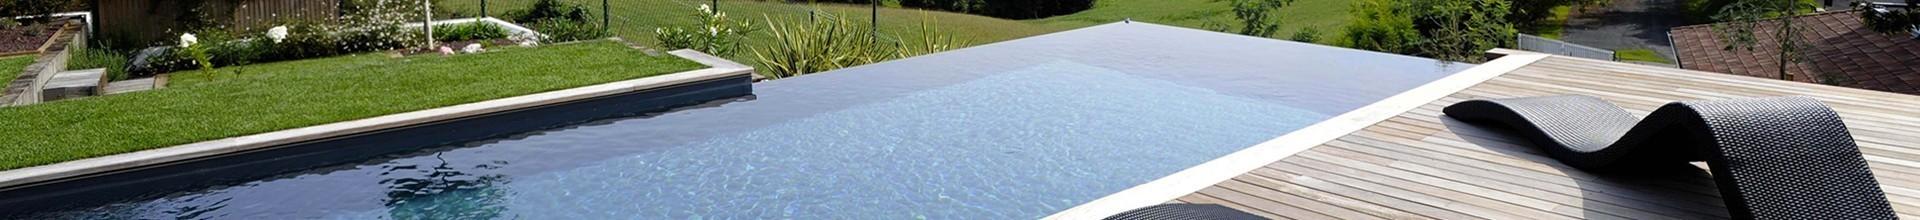 Constructeur piscine discount Provence Alpes Côte d'Azur